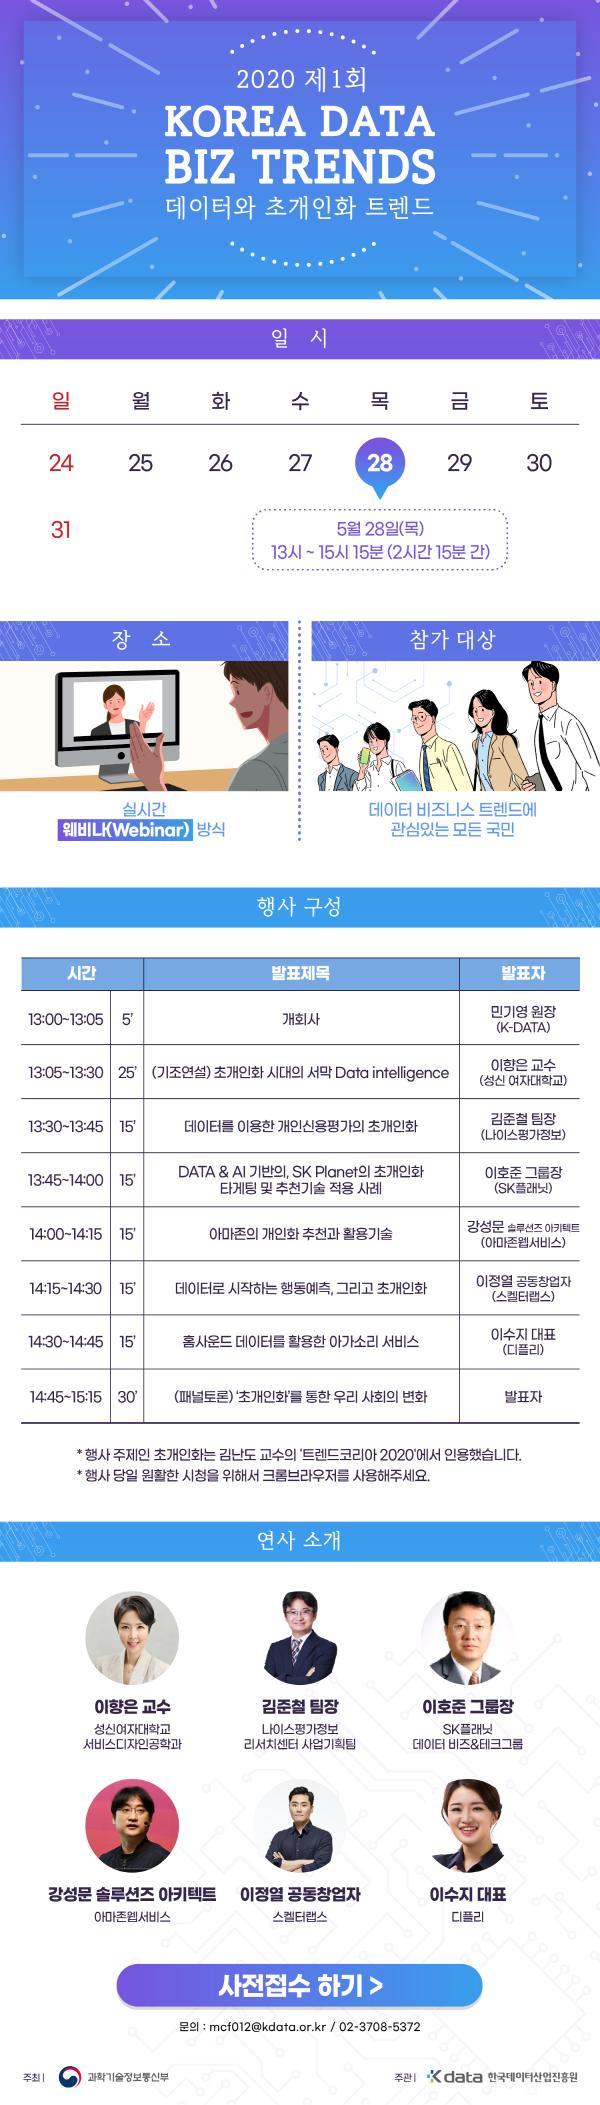 2020 제1회 KOREA DATA-BIZ TRENDS 데이터와 초개인화 트렌드 일시 5월 28일 목요일 13시부터 15시 15분 2시간 15분 간 장소 실시간 웨비나 방식 참가대상 데이터 비즈니스 트렌드에 관심있는 모든 국민